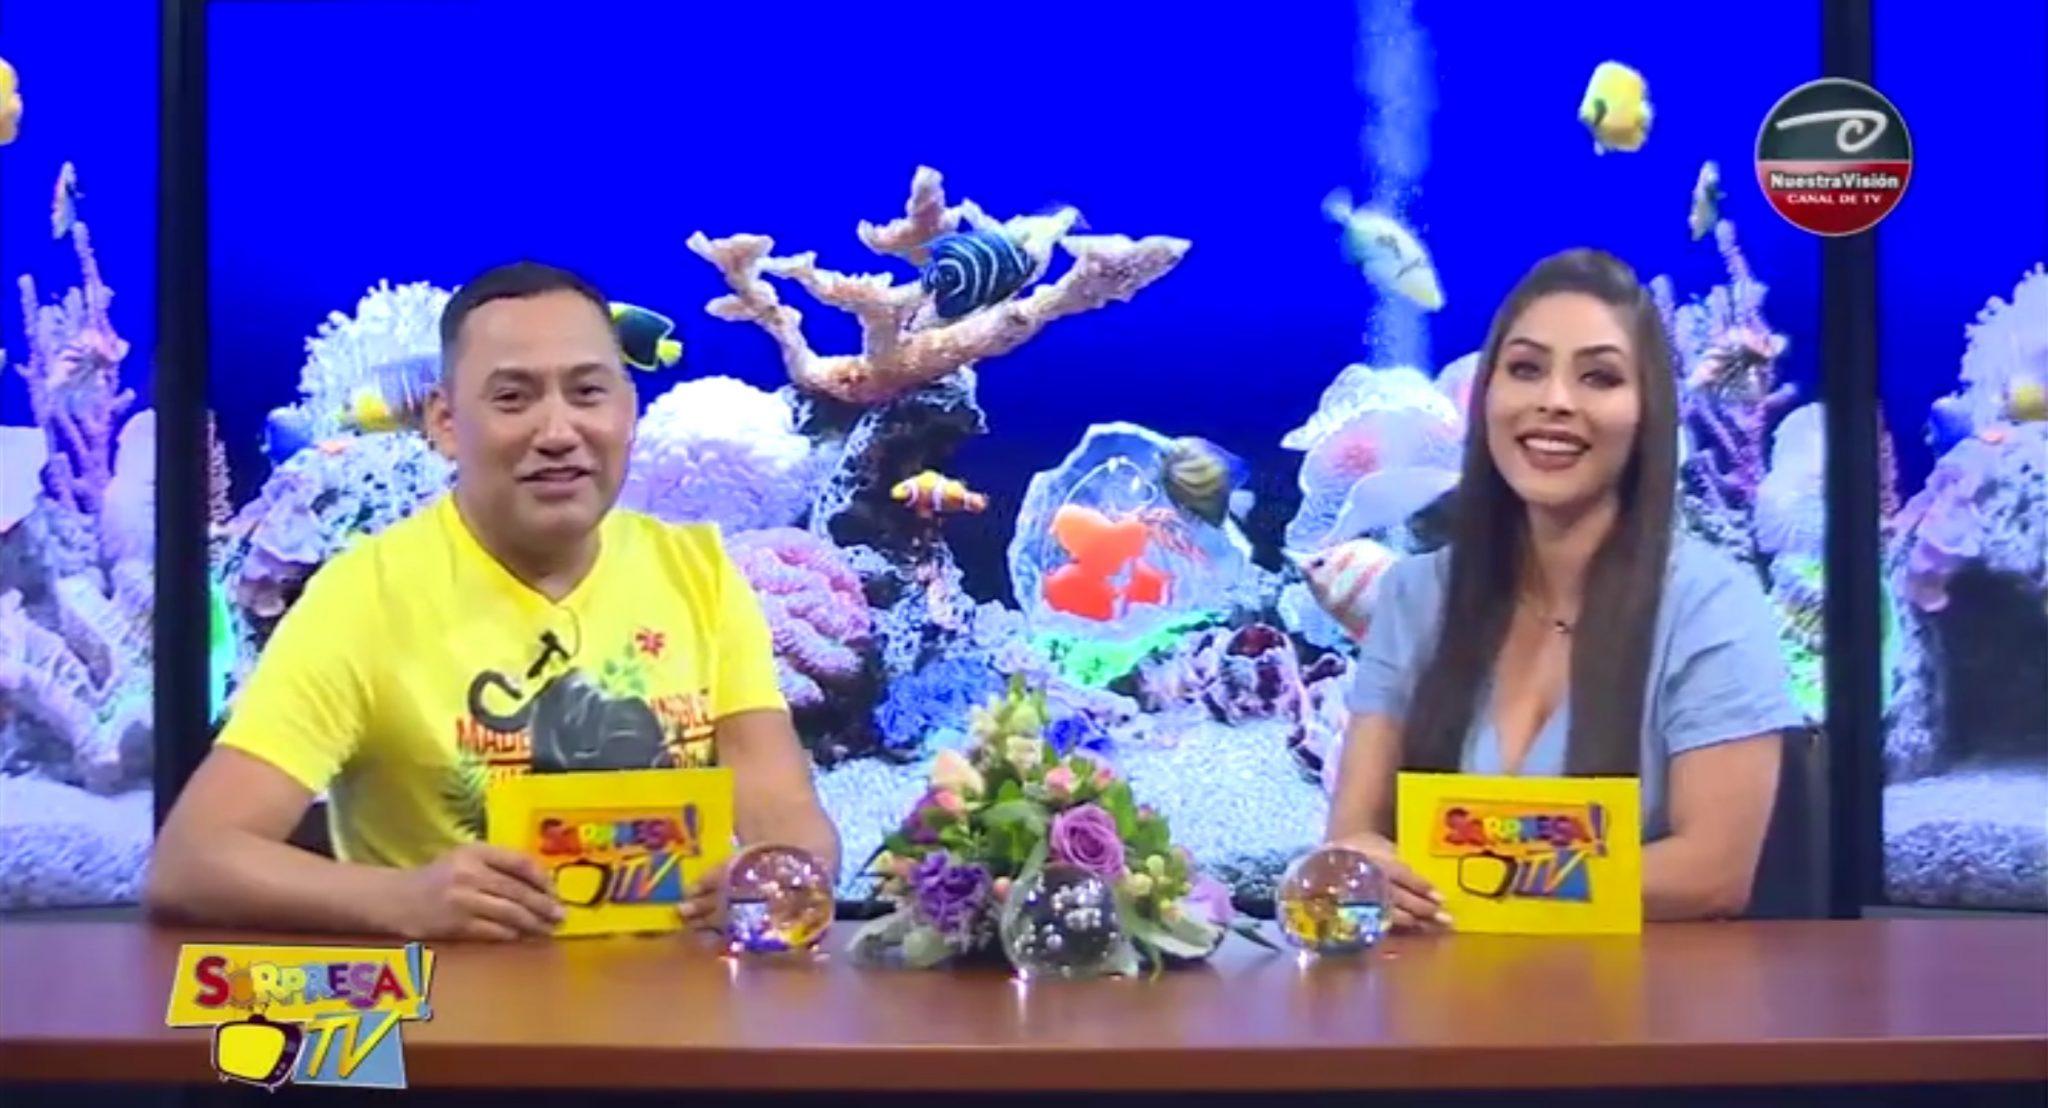 Sorpresa TV – 17 agosto 2018